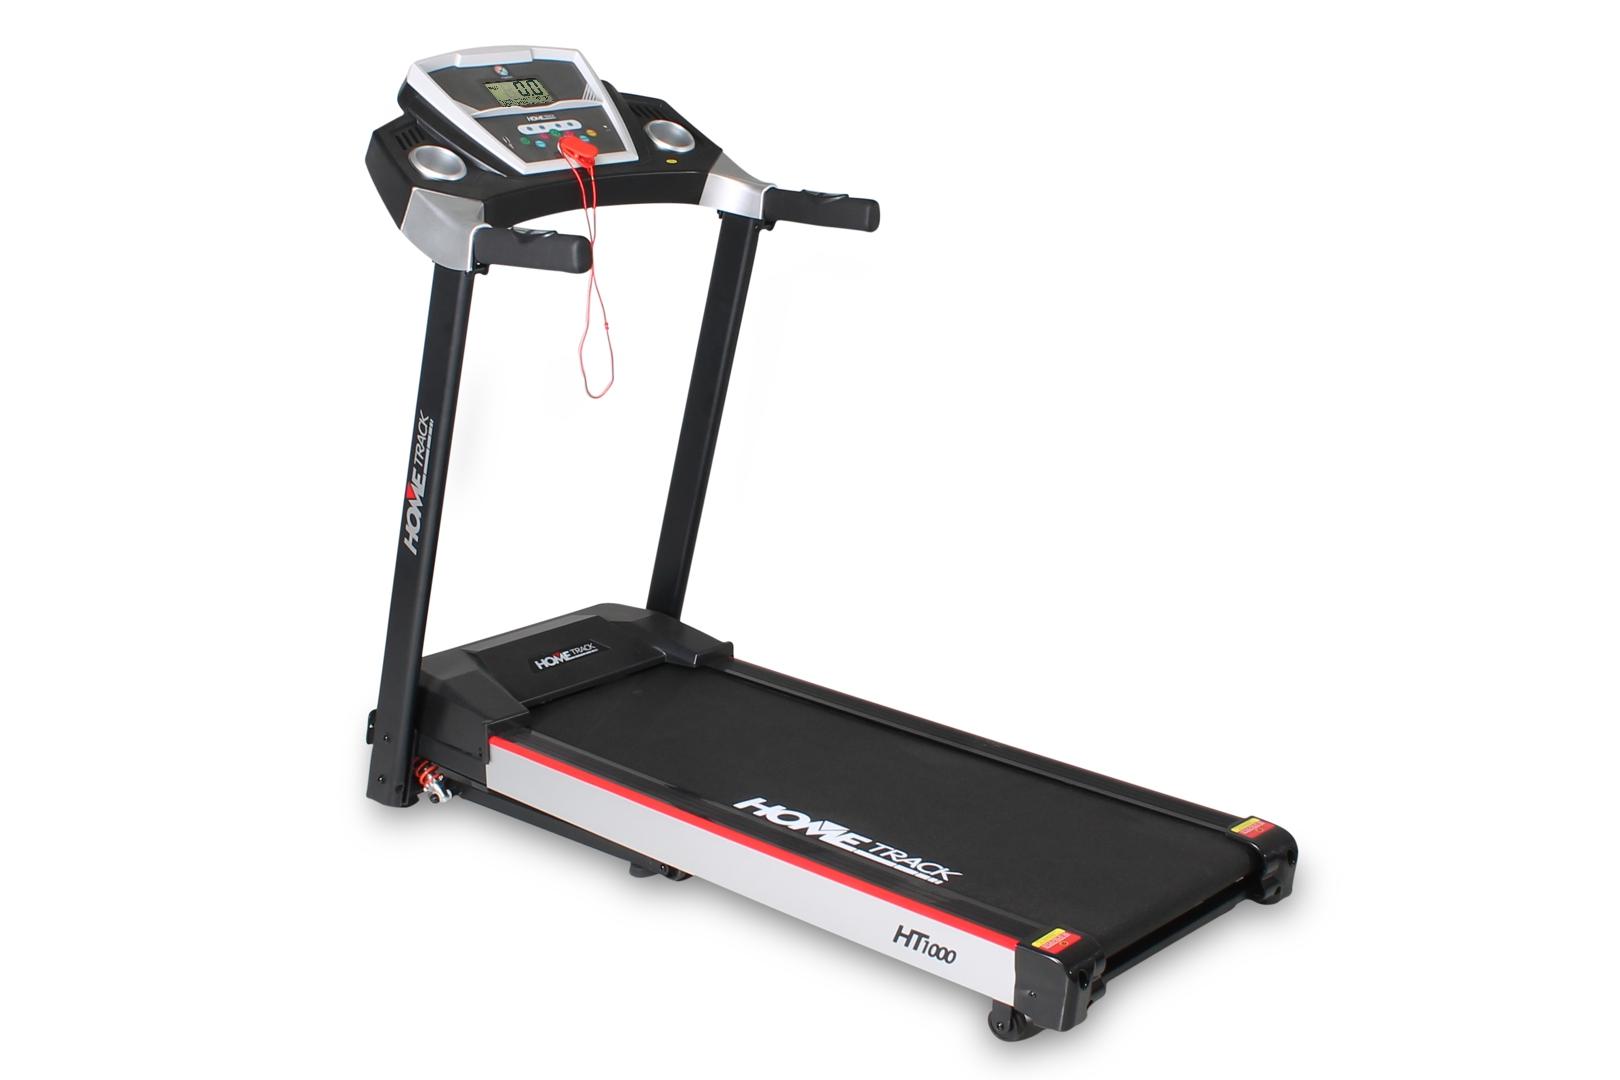 233 lectrique professionnel tapis roulant de course ht1000 fitness v 233 lo d int 233 rieur ebay